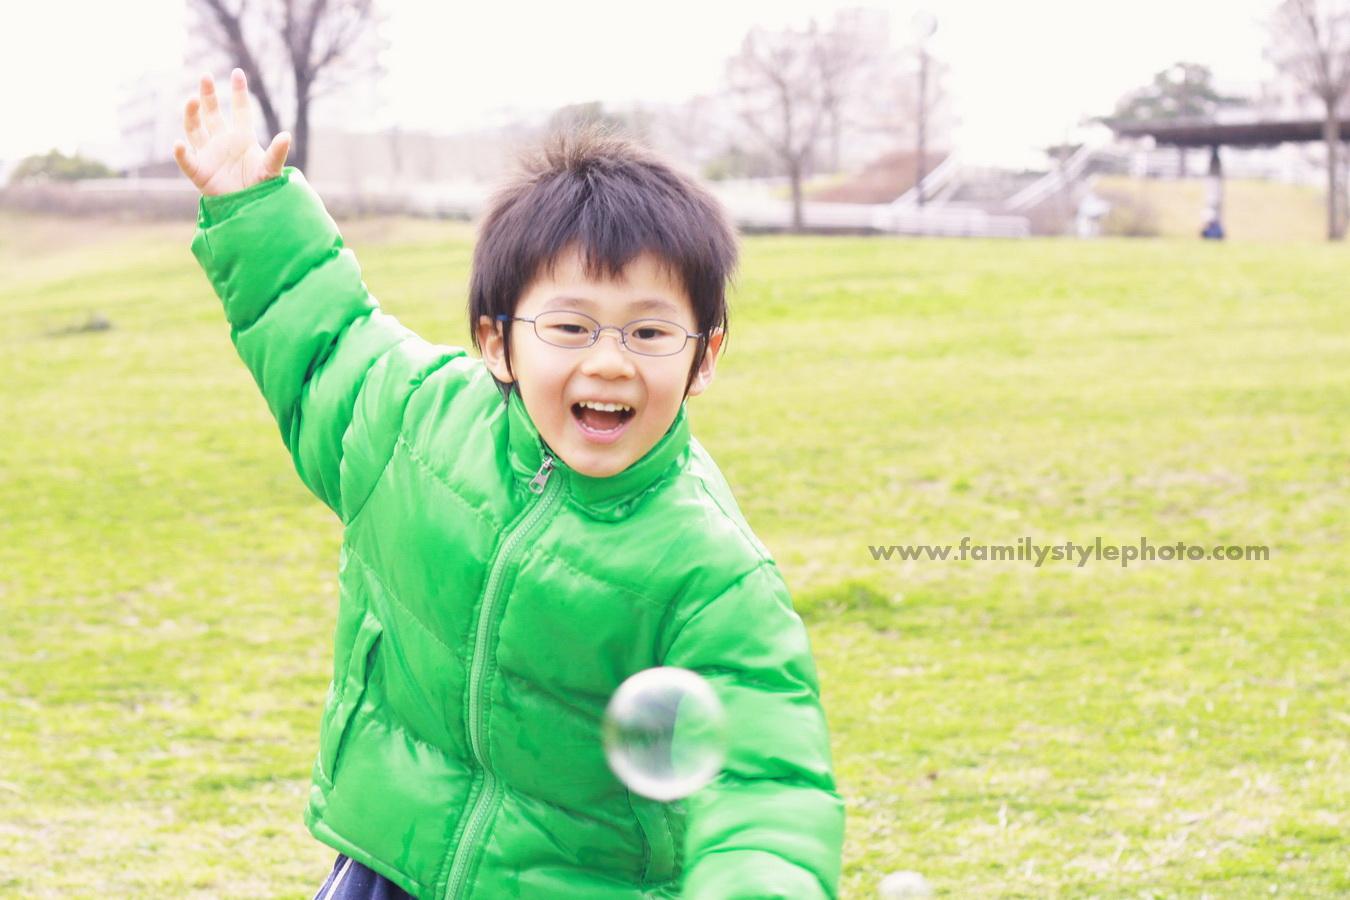 公園で笑顔で走り回る子供